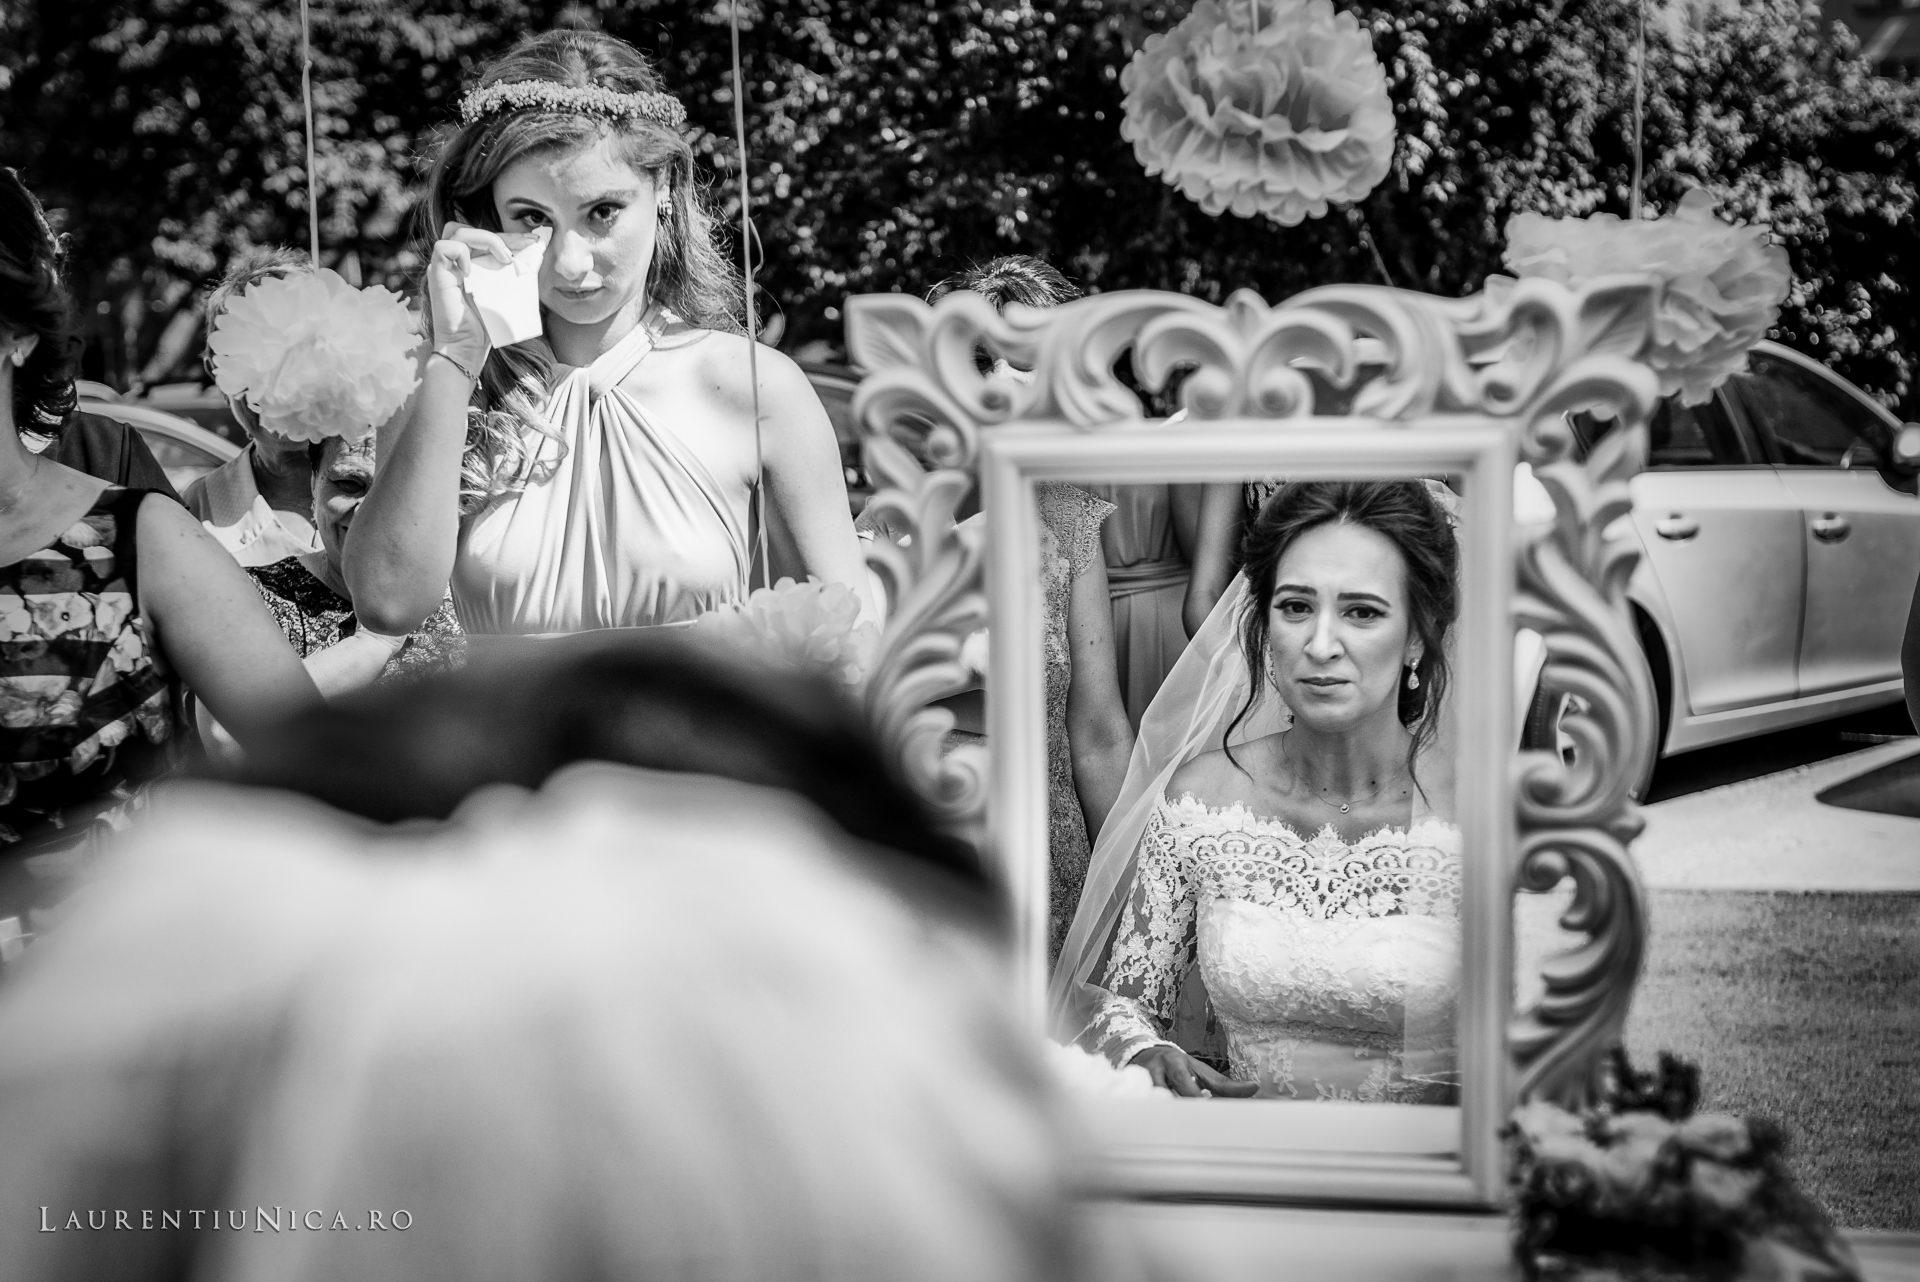 Cristina si Ovidiu nunta Craiova fotograf laurentiu nica 083 - Cristina & Ovidiu | Fotografii nunta | Craiova